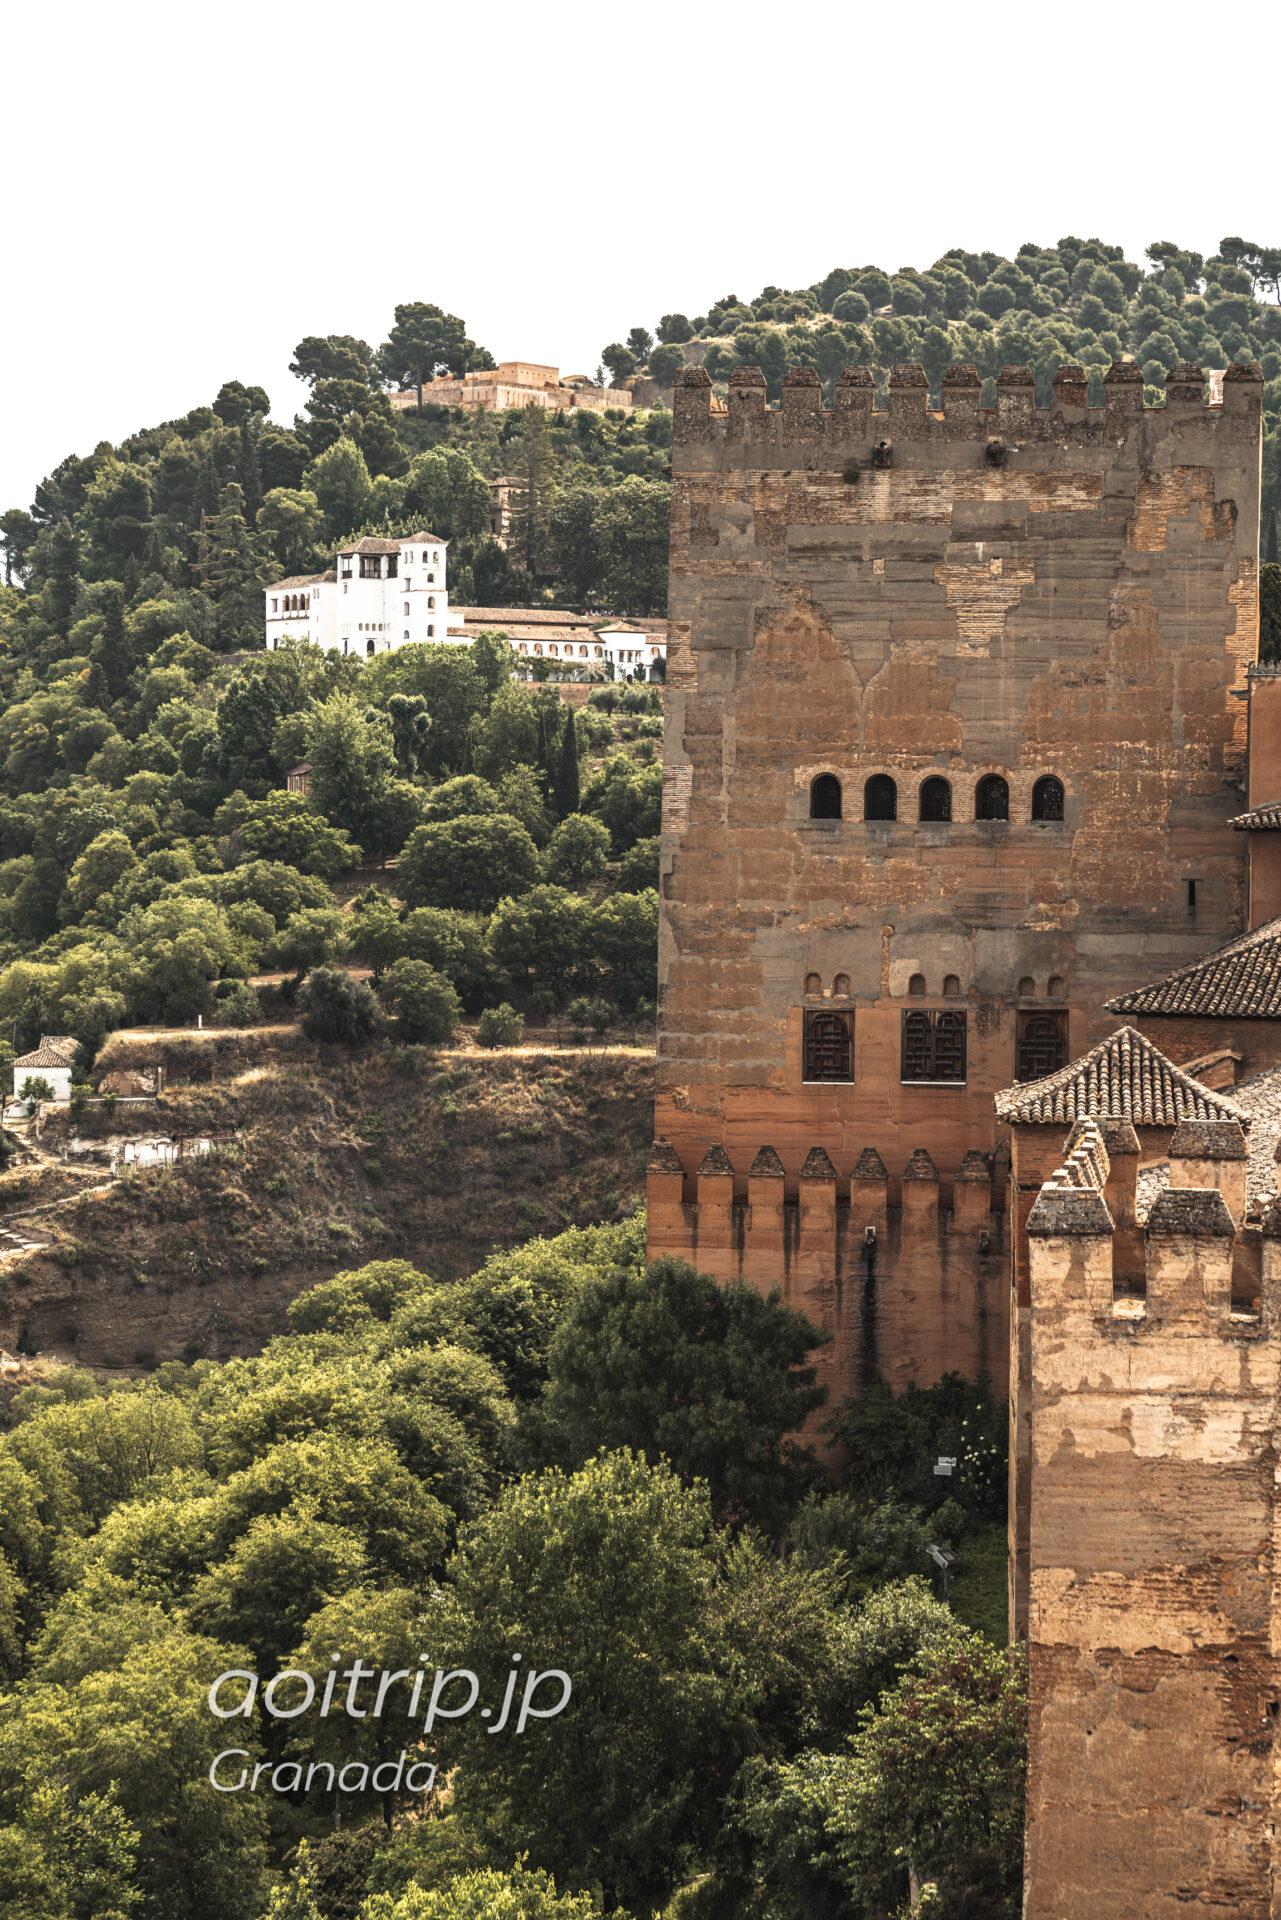 アルハンブラ宮殿アルカサバから望むヘネラリフェ